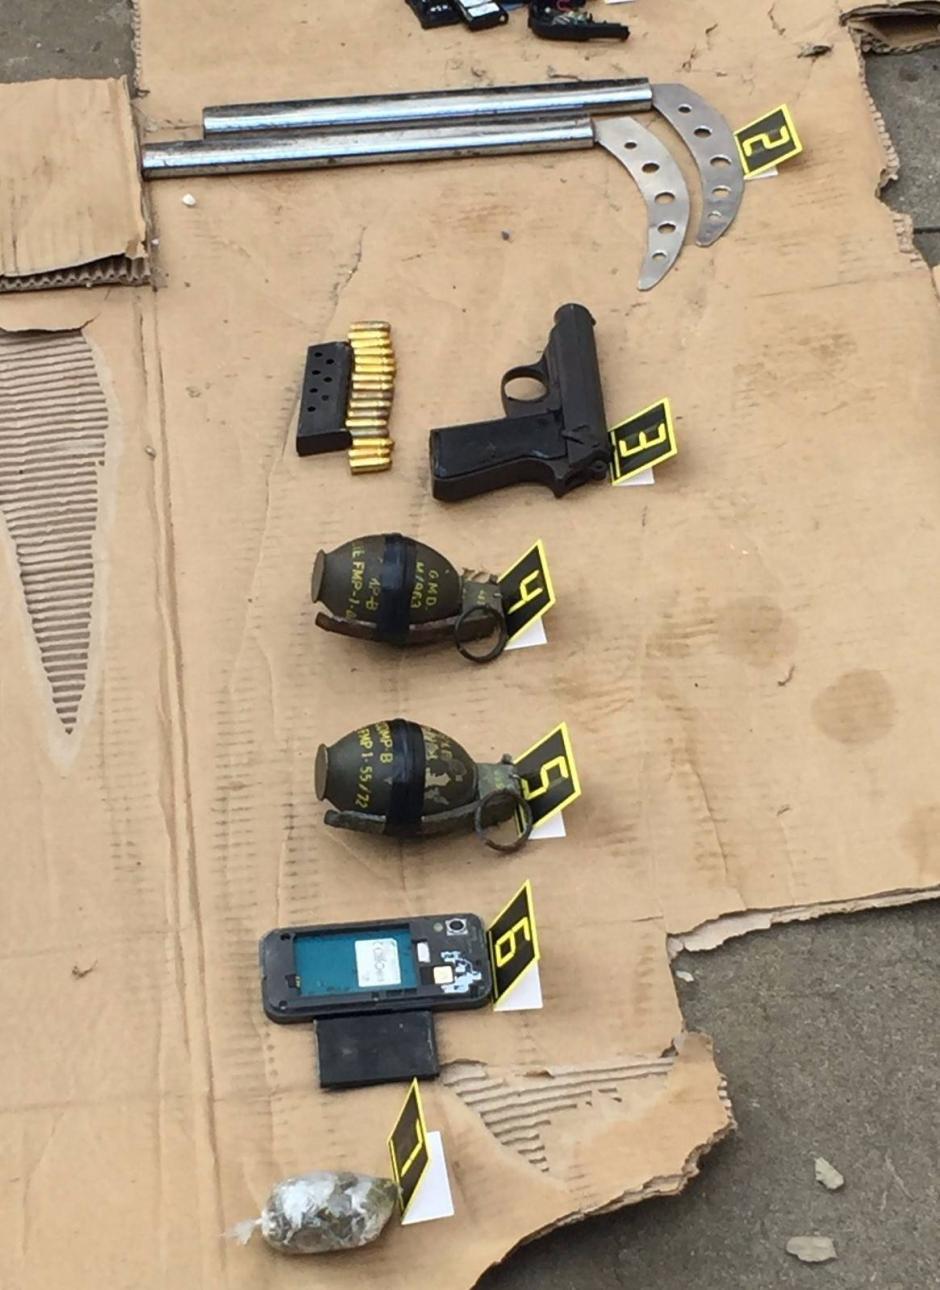 Se incautaron cuatro armas de fuego, de acuerdo al reporte de la PNC. (Foto: PNC)